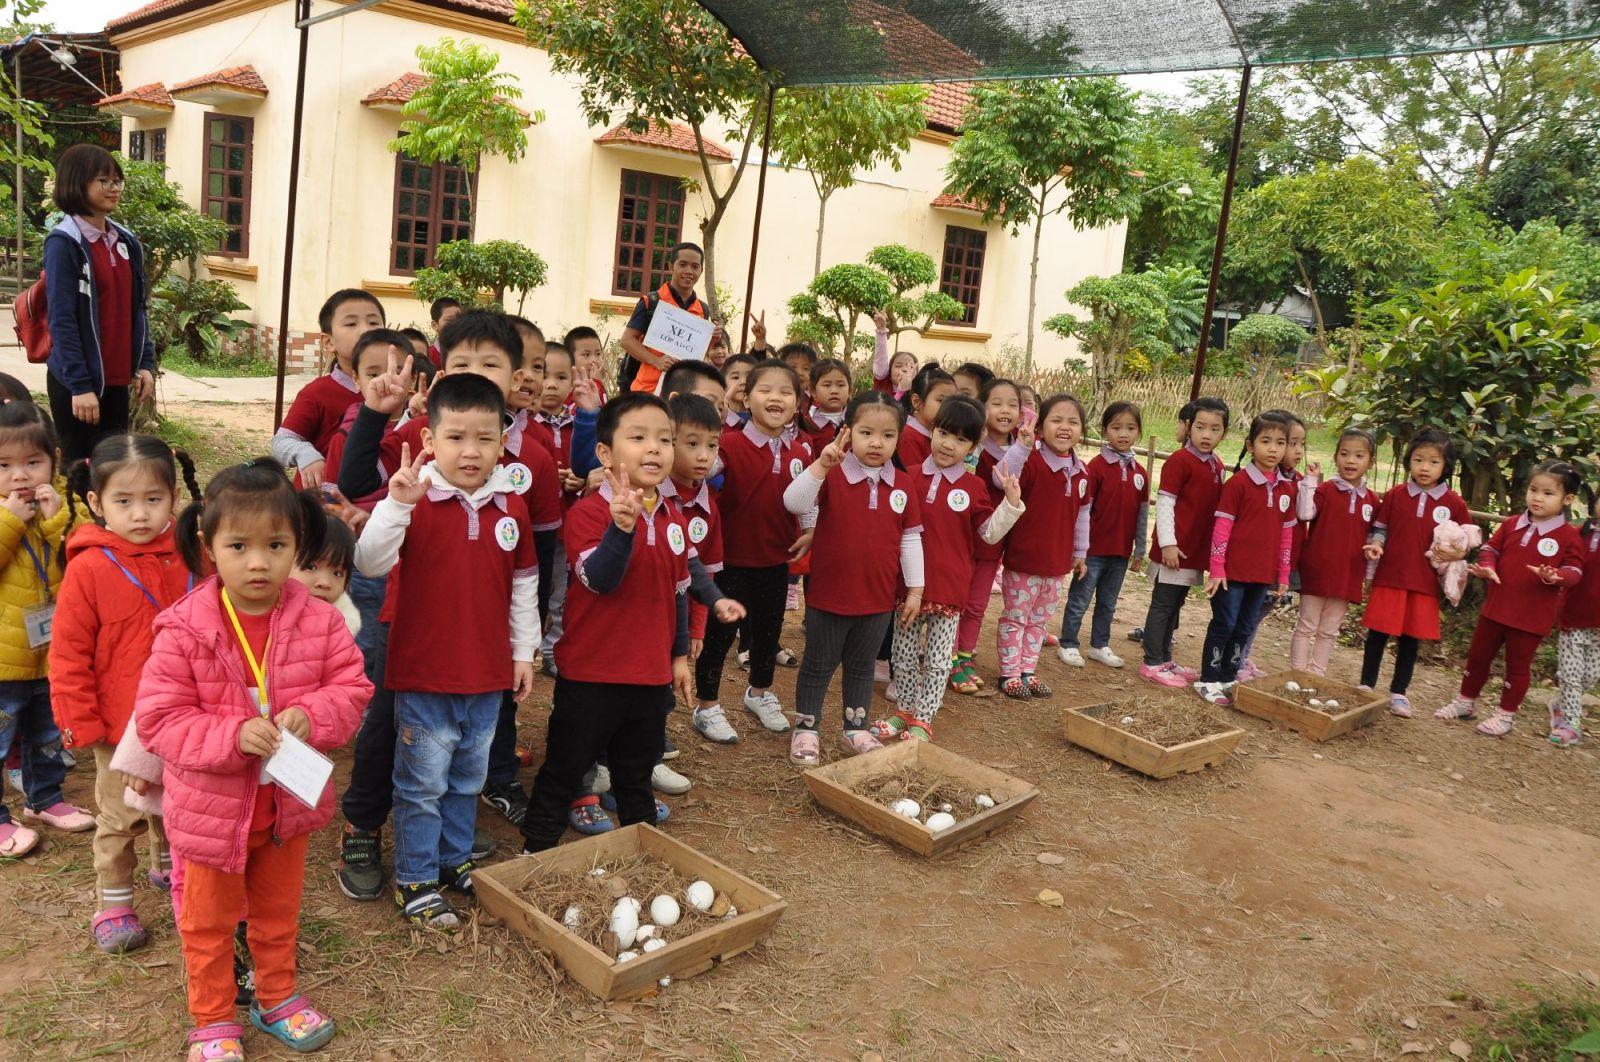 du lịch trải nghiệm cho học sinh